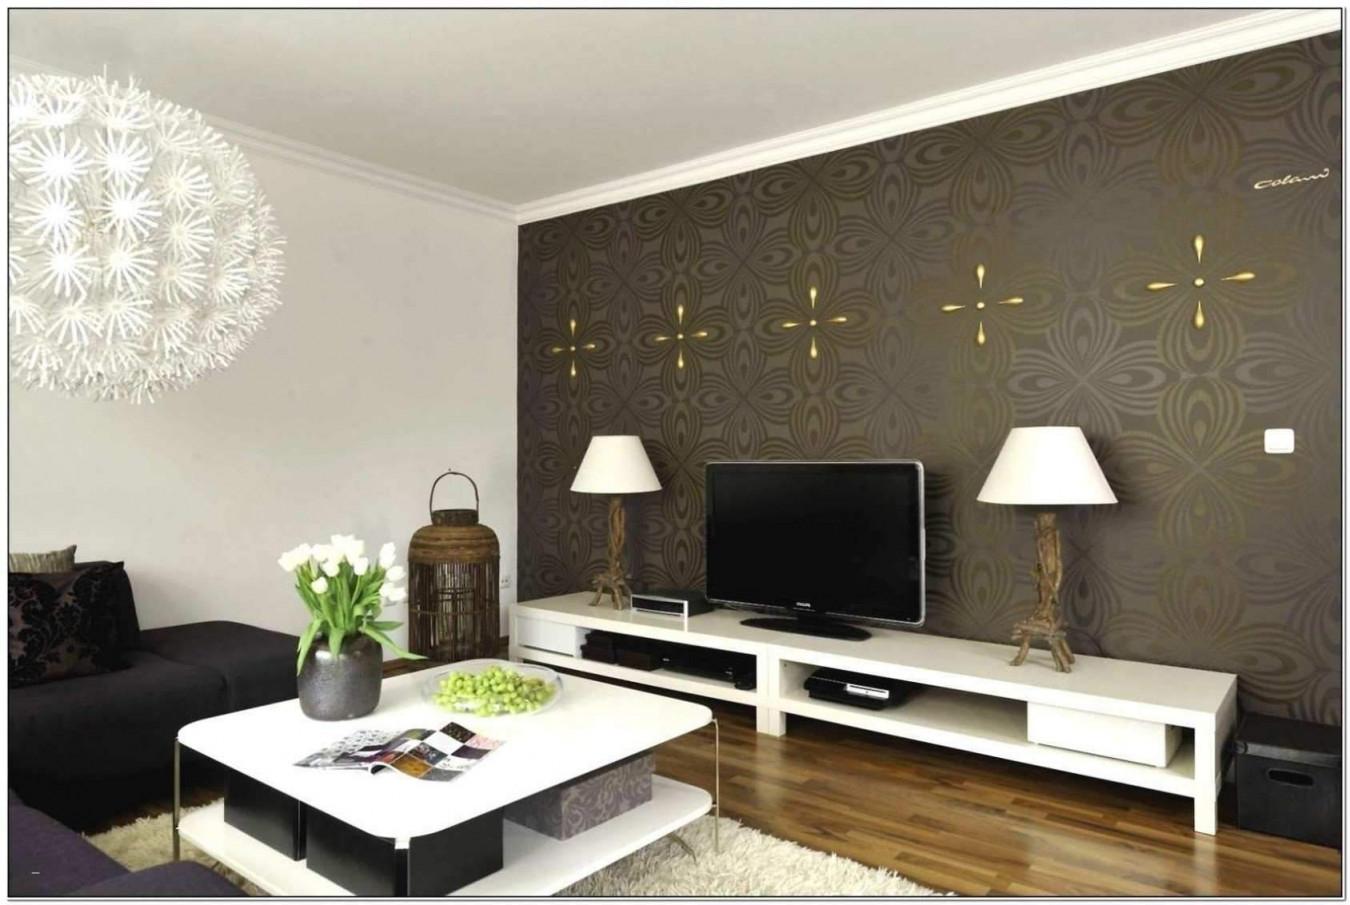 39 Elegant Ausgefallene Tapeten Wohnzimmer Das Beste Von von Tapeten Bilder Wohnzimmer Bild